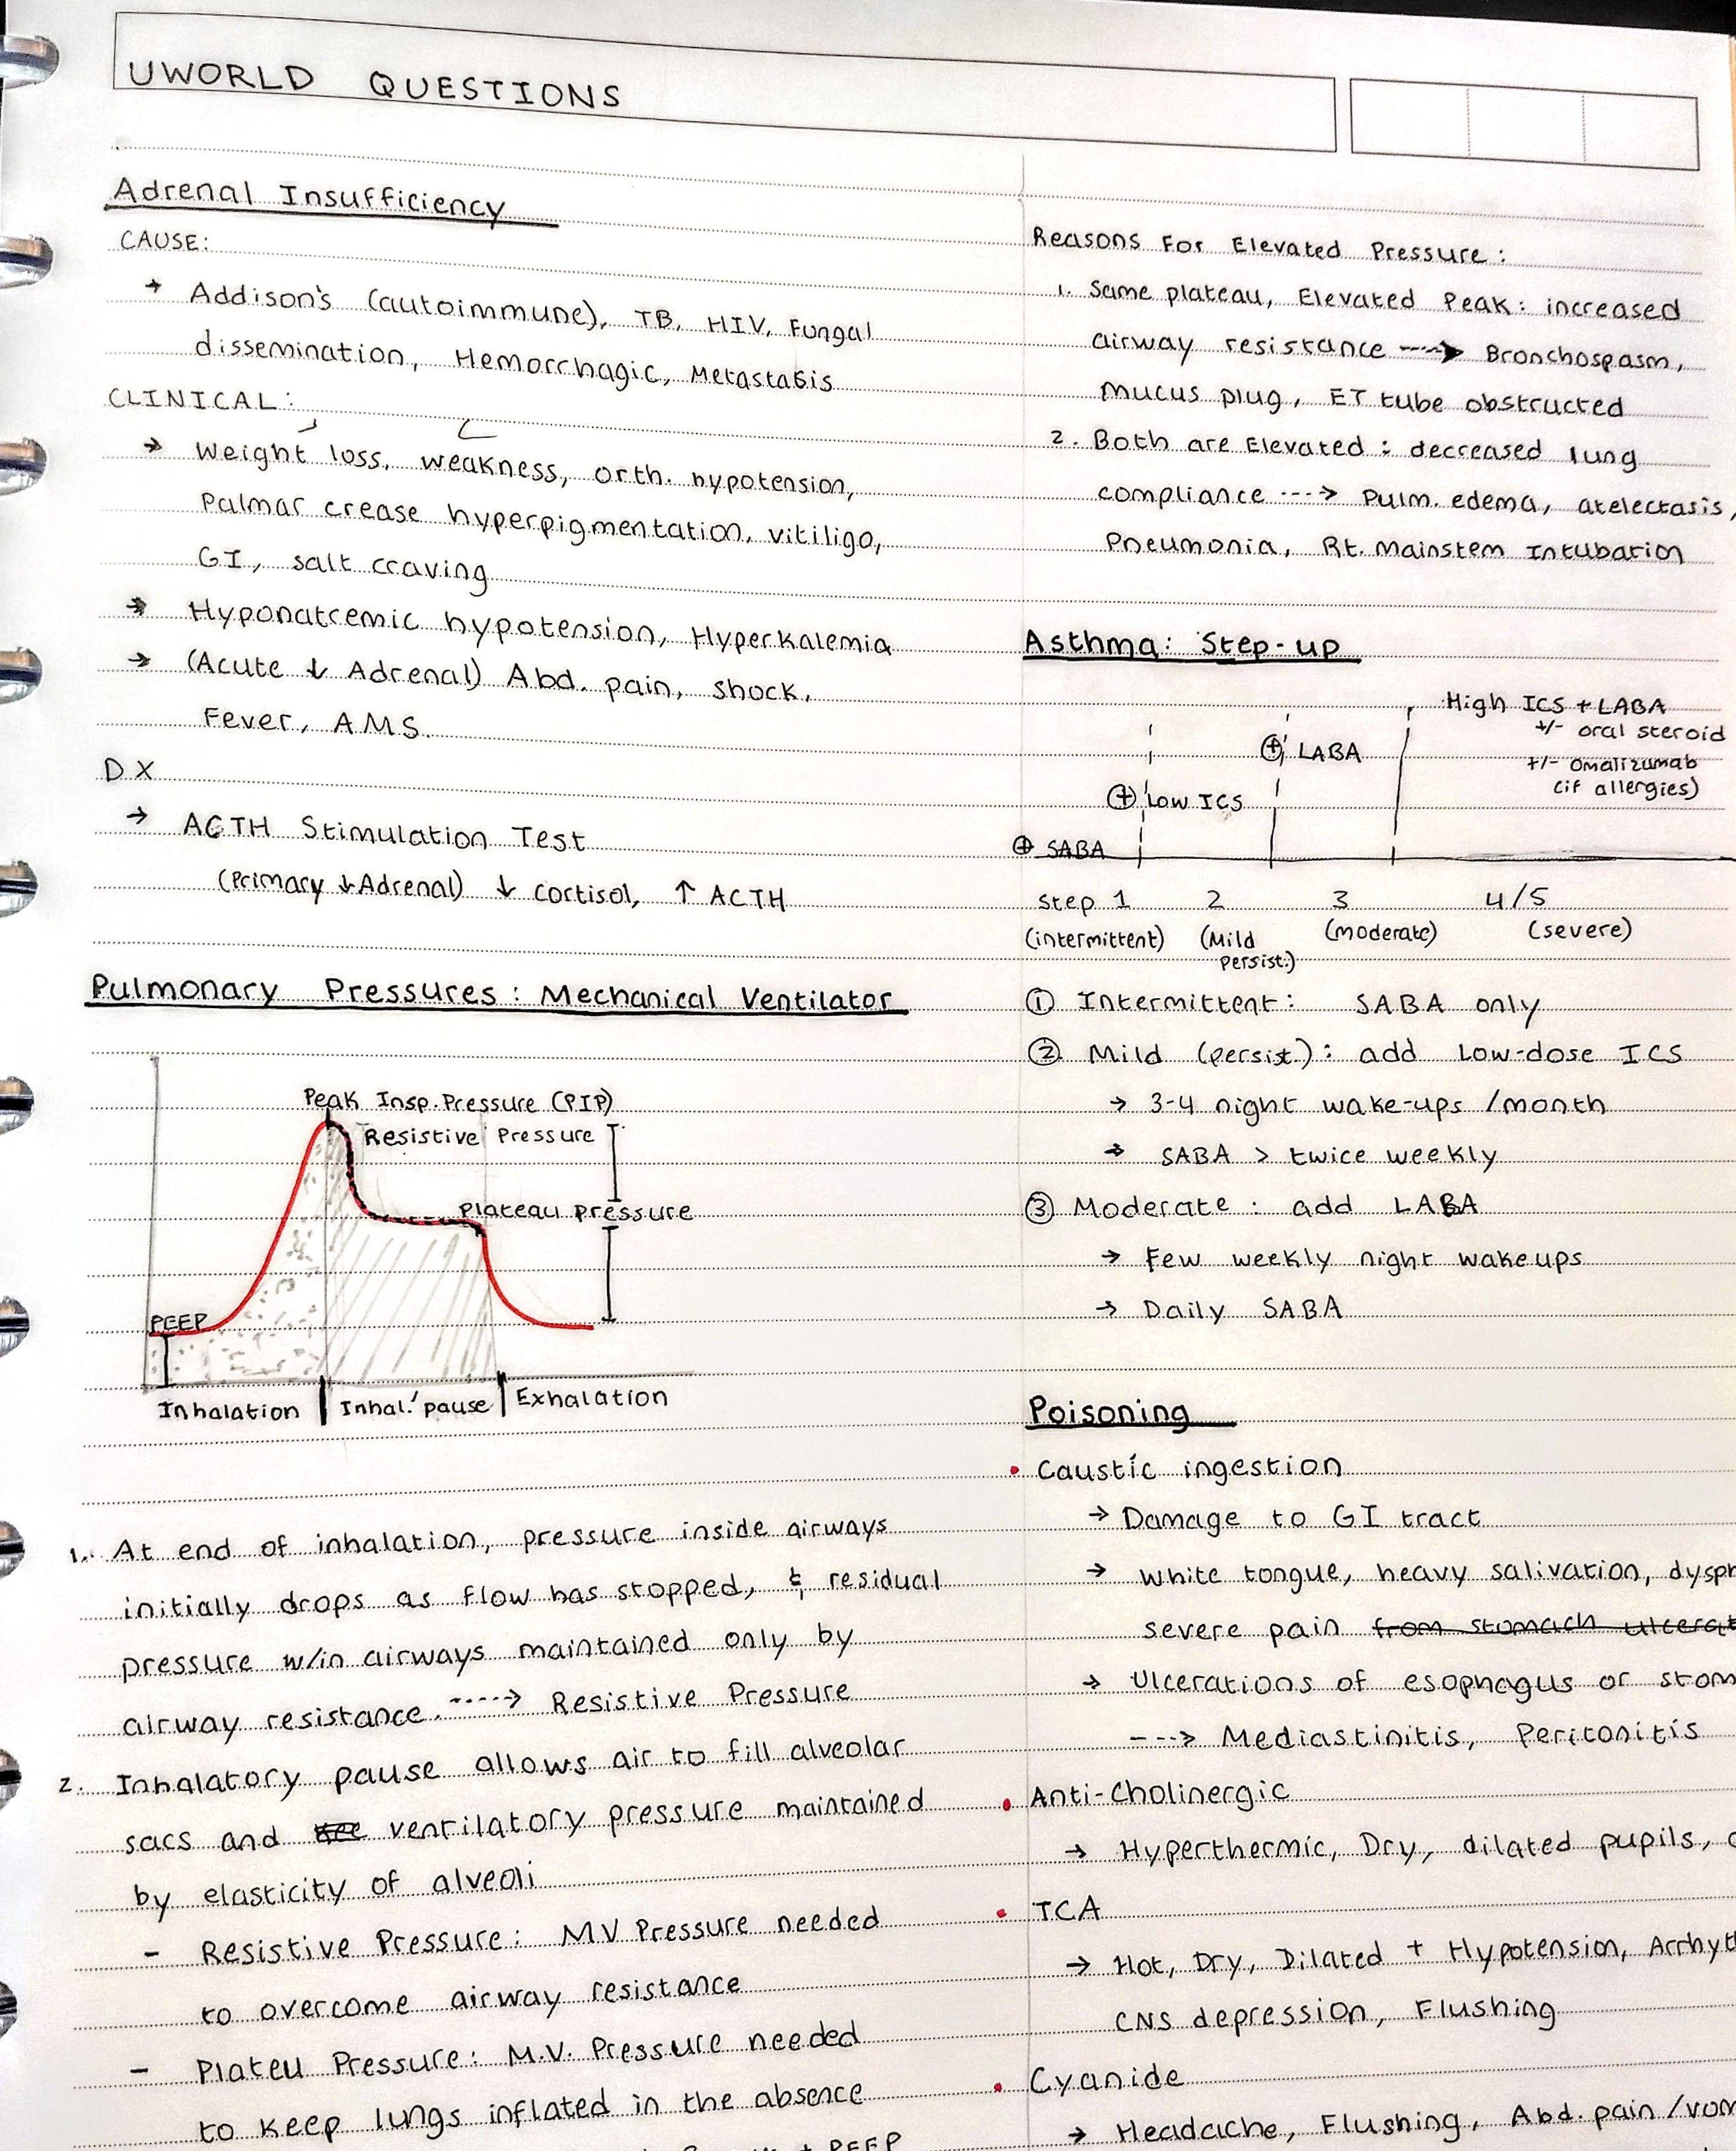 Med school notes | Study notes | Study notes, School notes, Med school